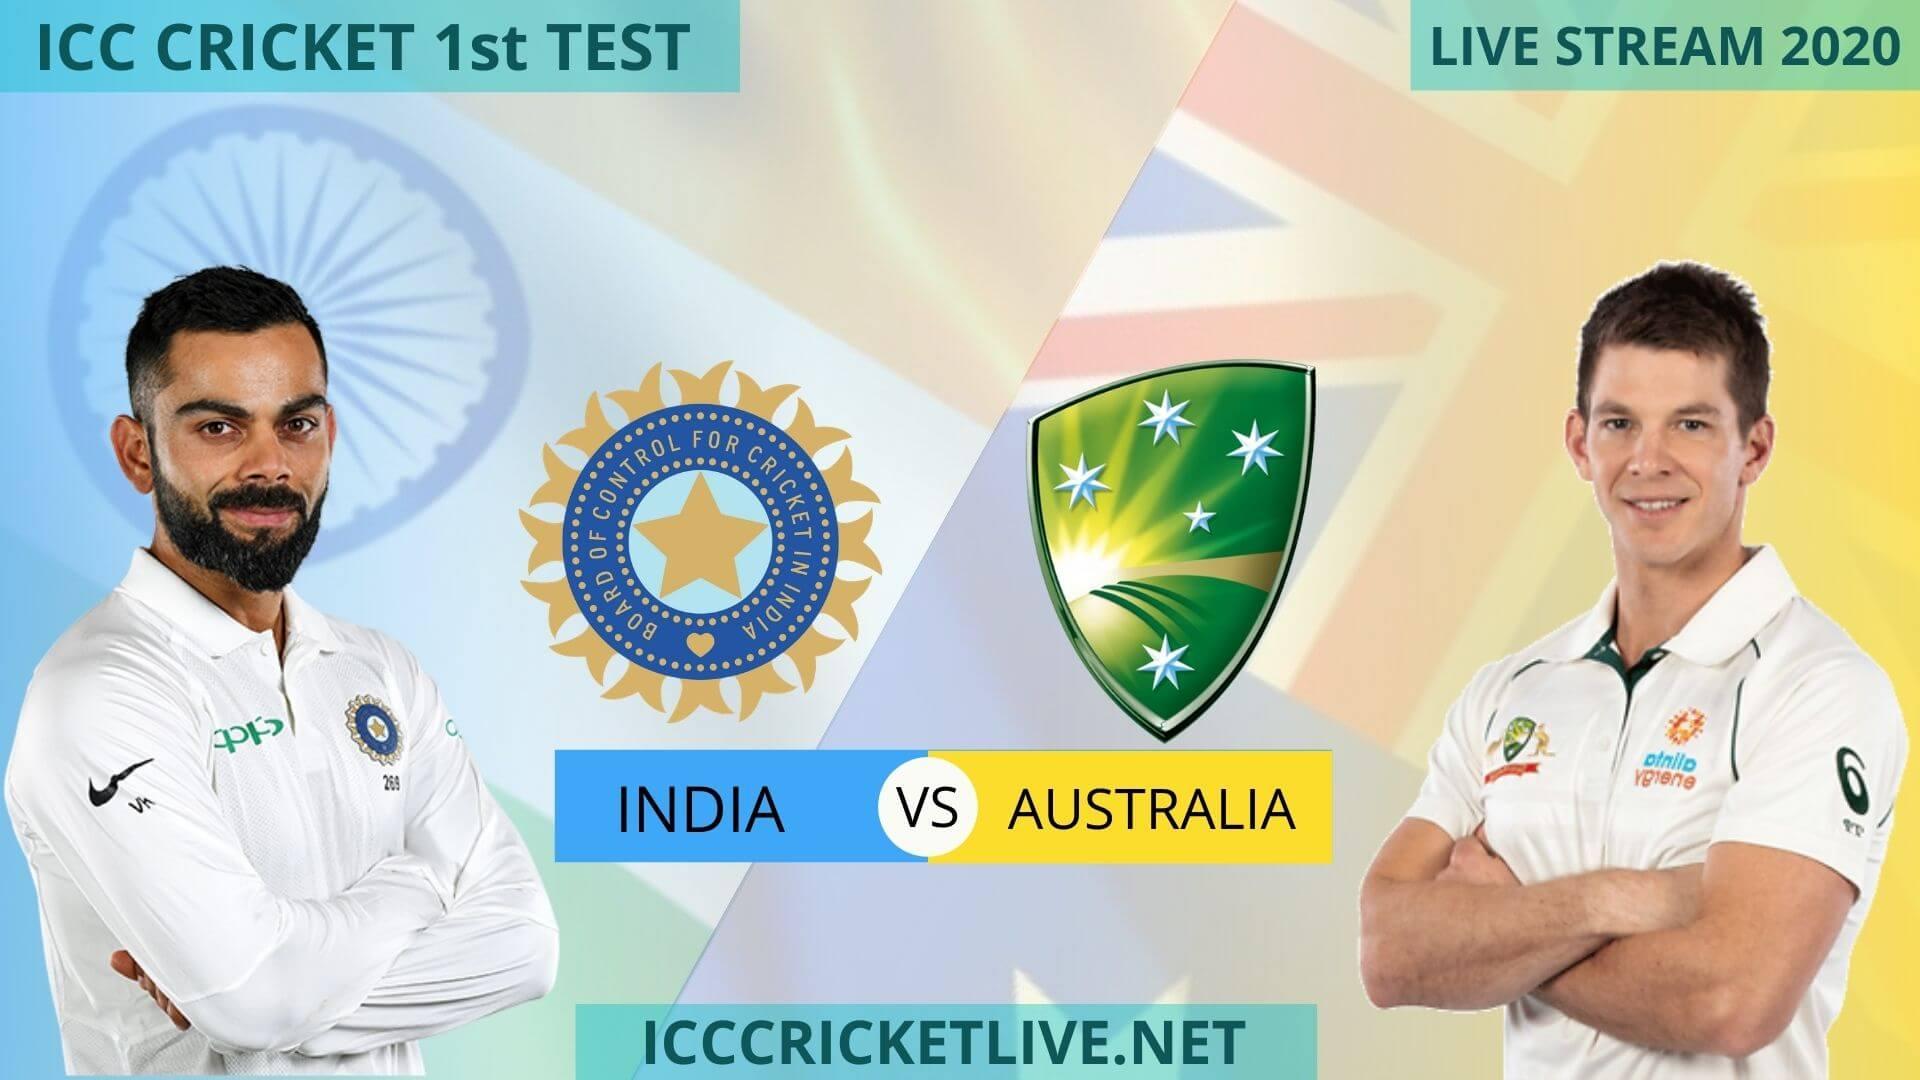 India Vs Australia Live Stream 2020 | 1st Test | Day 3